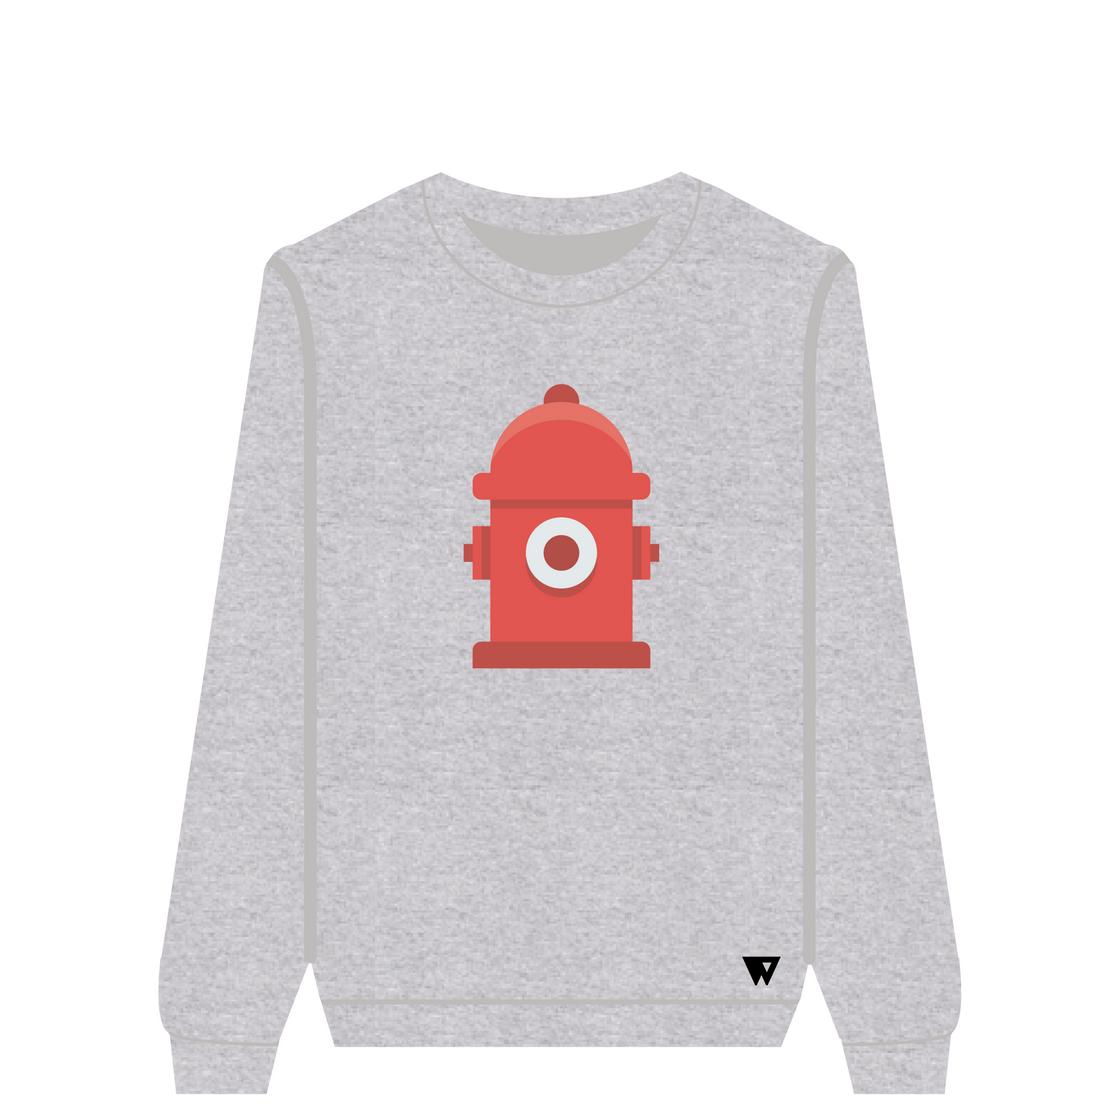 Sweatshirt Fire Hydrant   Wuzzee